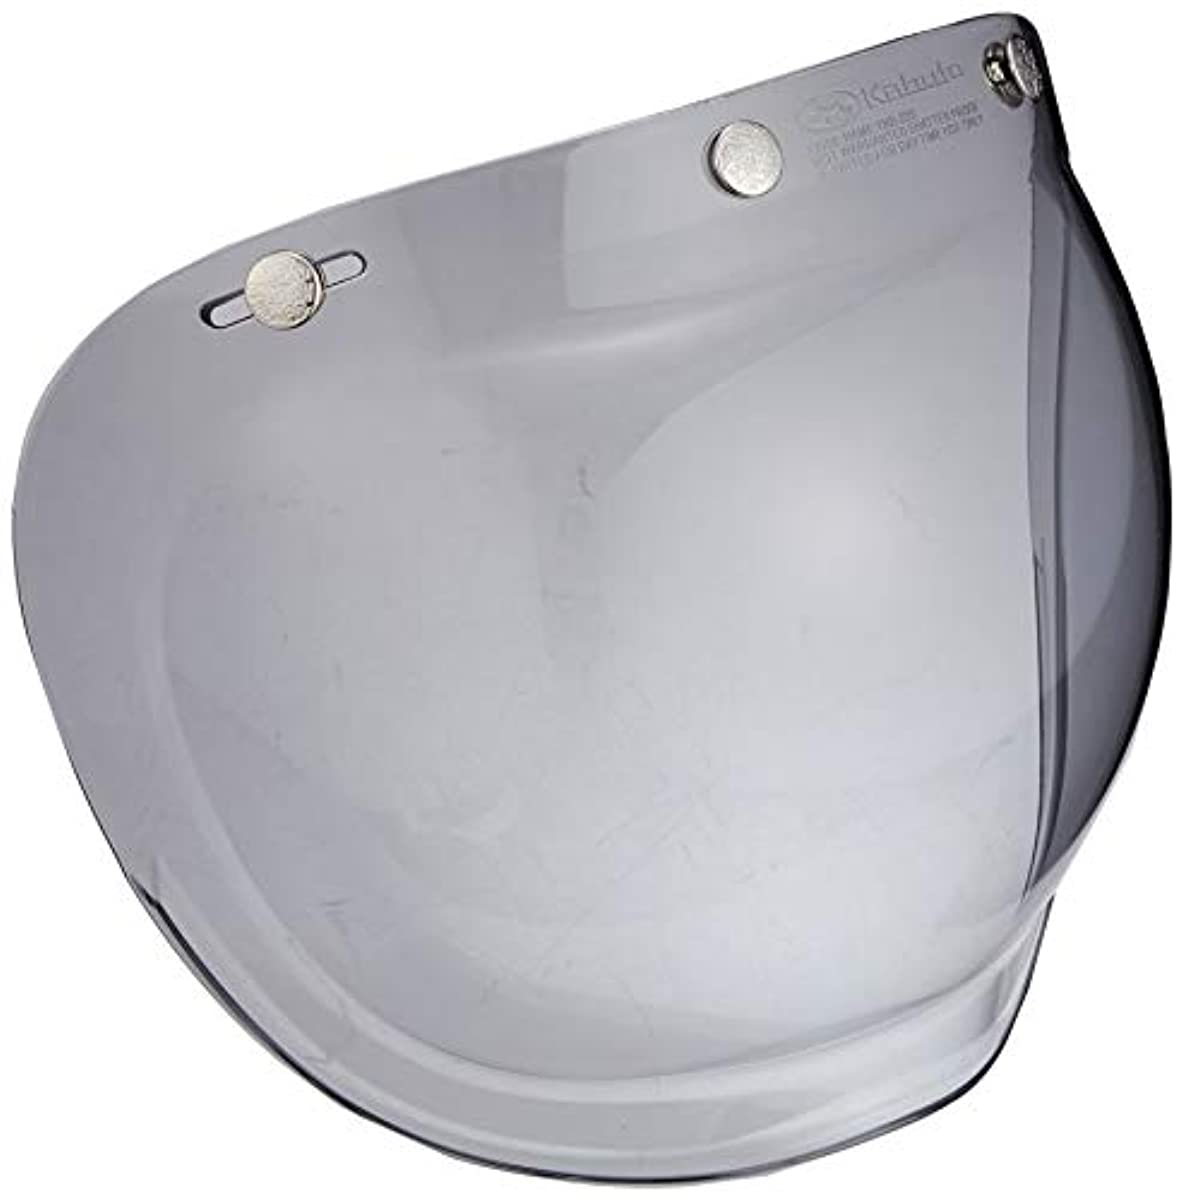 [해외] OG K (카부)카브도(OGK KABUTO) 제트 헬멧용 와이드 버블 쉴드 노멀 컬러 라이트 스모크 (WB-NORLSM)